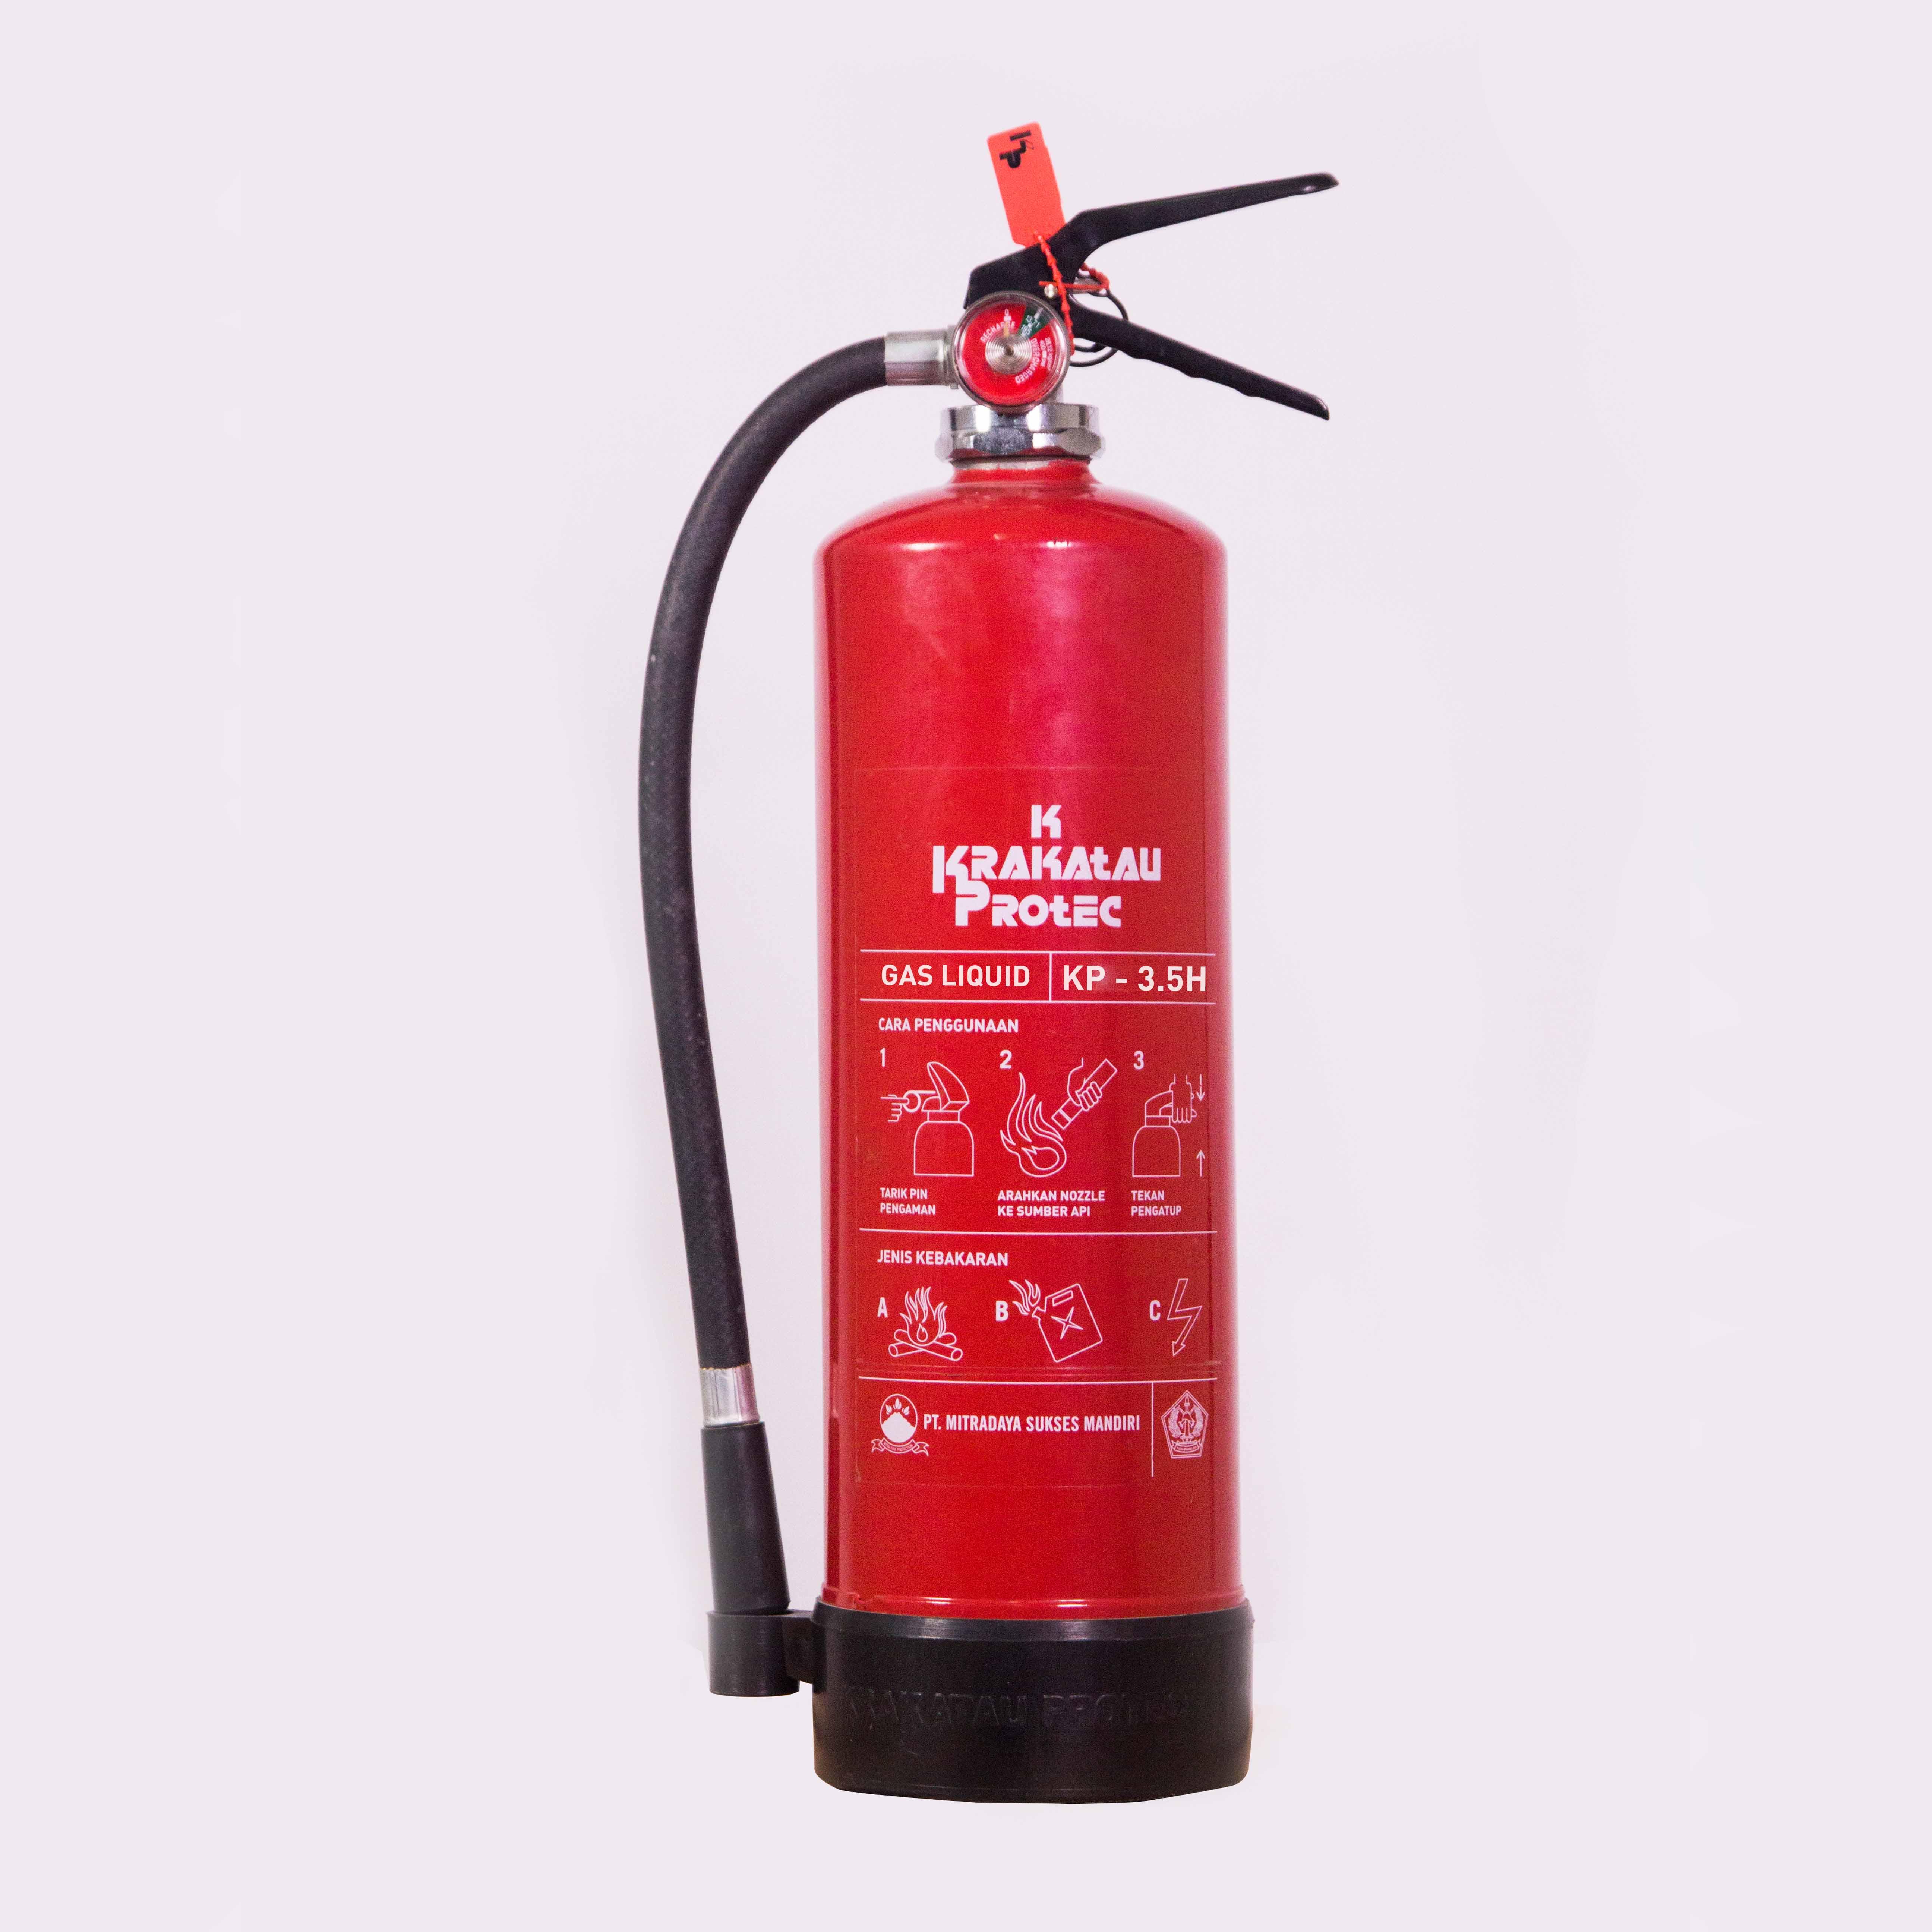 Gas Liquid 3.5 Kg / KP3.5H